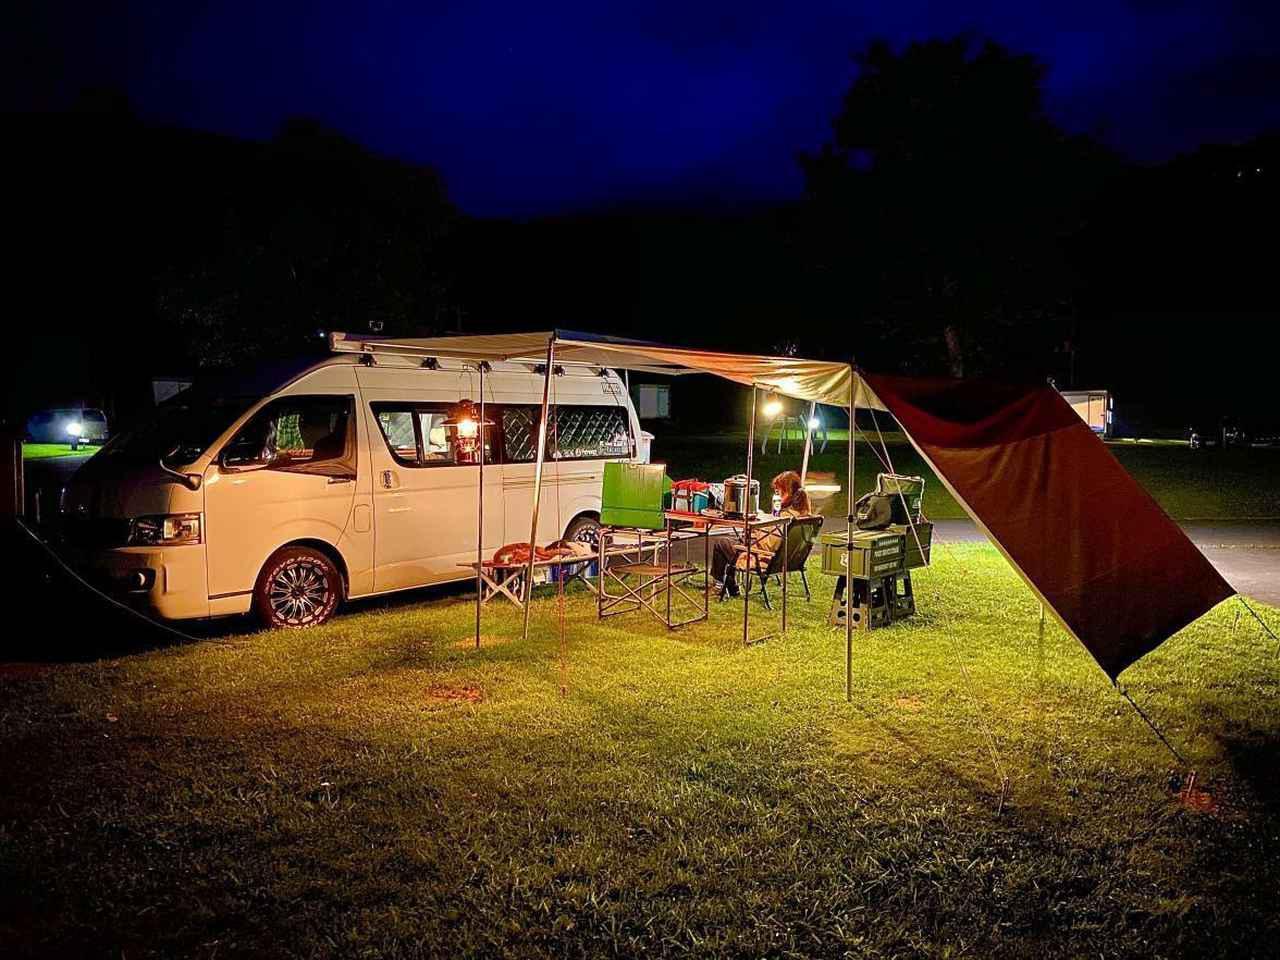 画像: 【キャンプレイアウト・サイト】キャンプ歴40年のベテランが教える「キャンプの醍醐味」 - ハピキャン(HAPPY CAMPER)